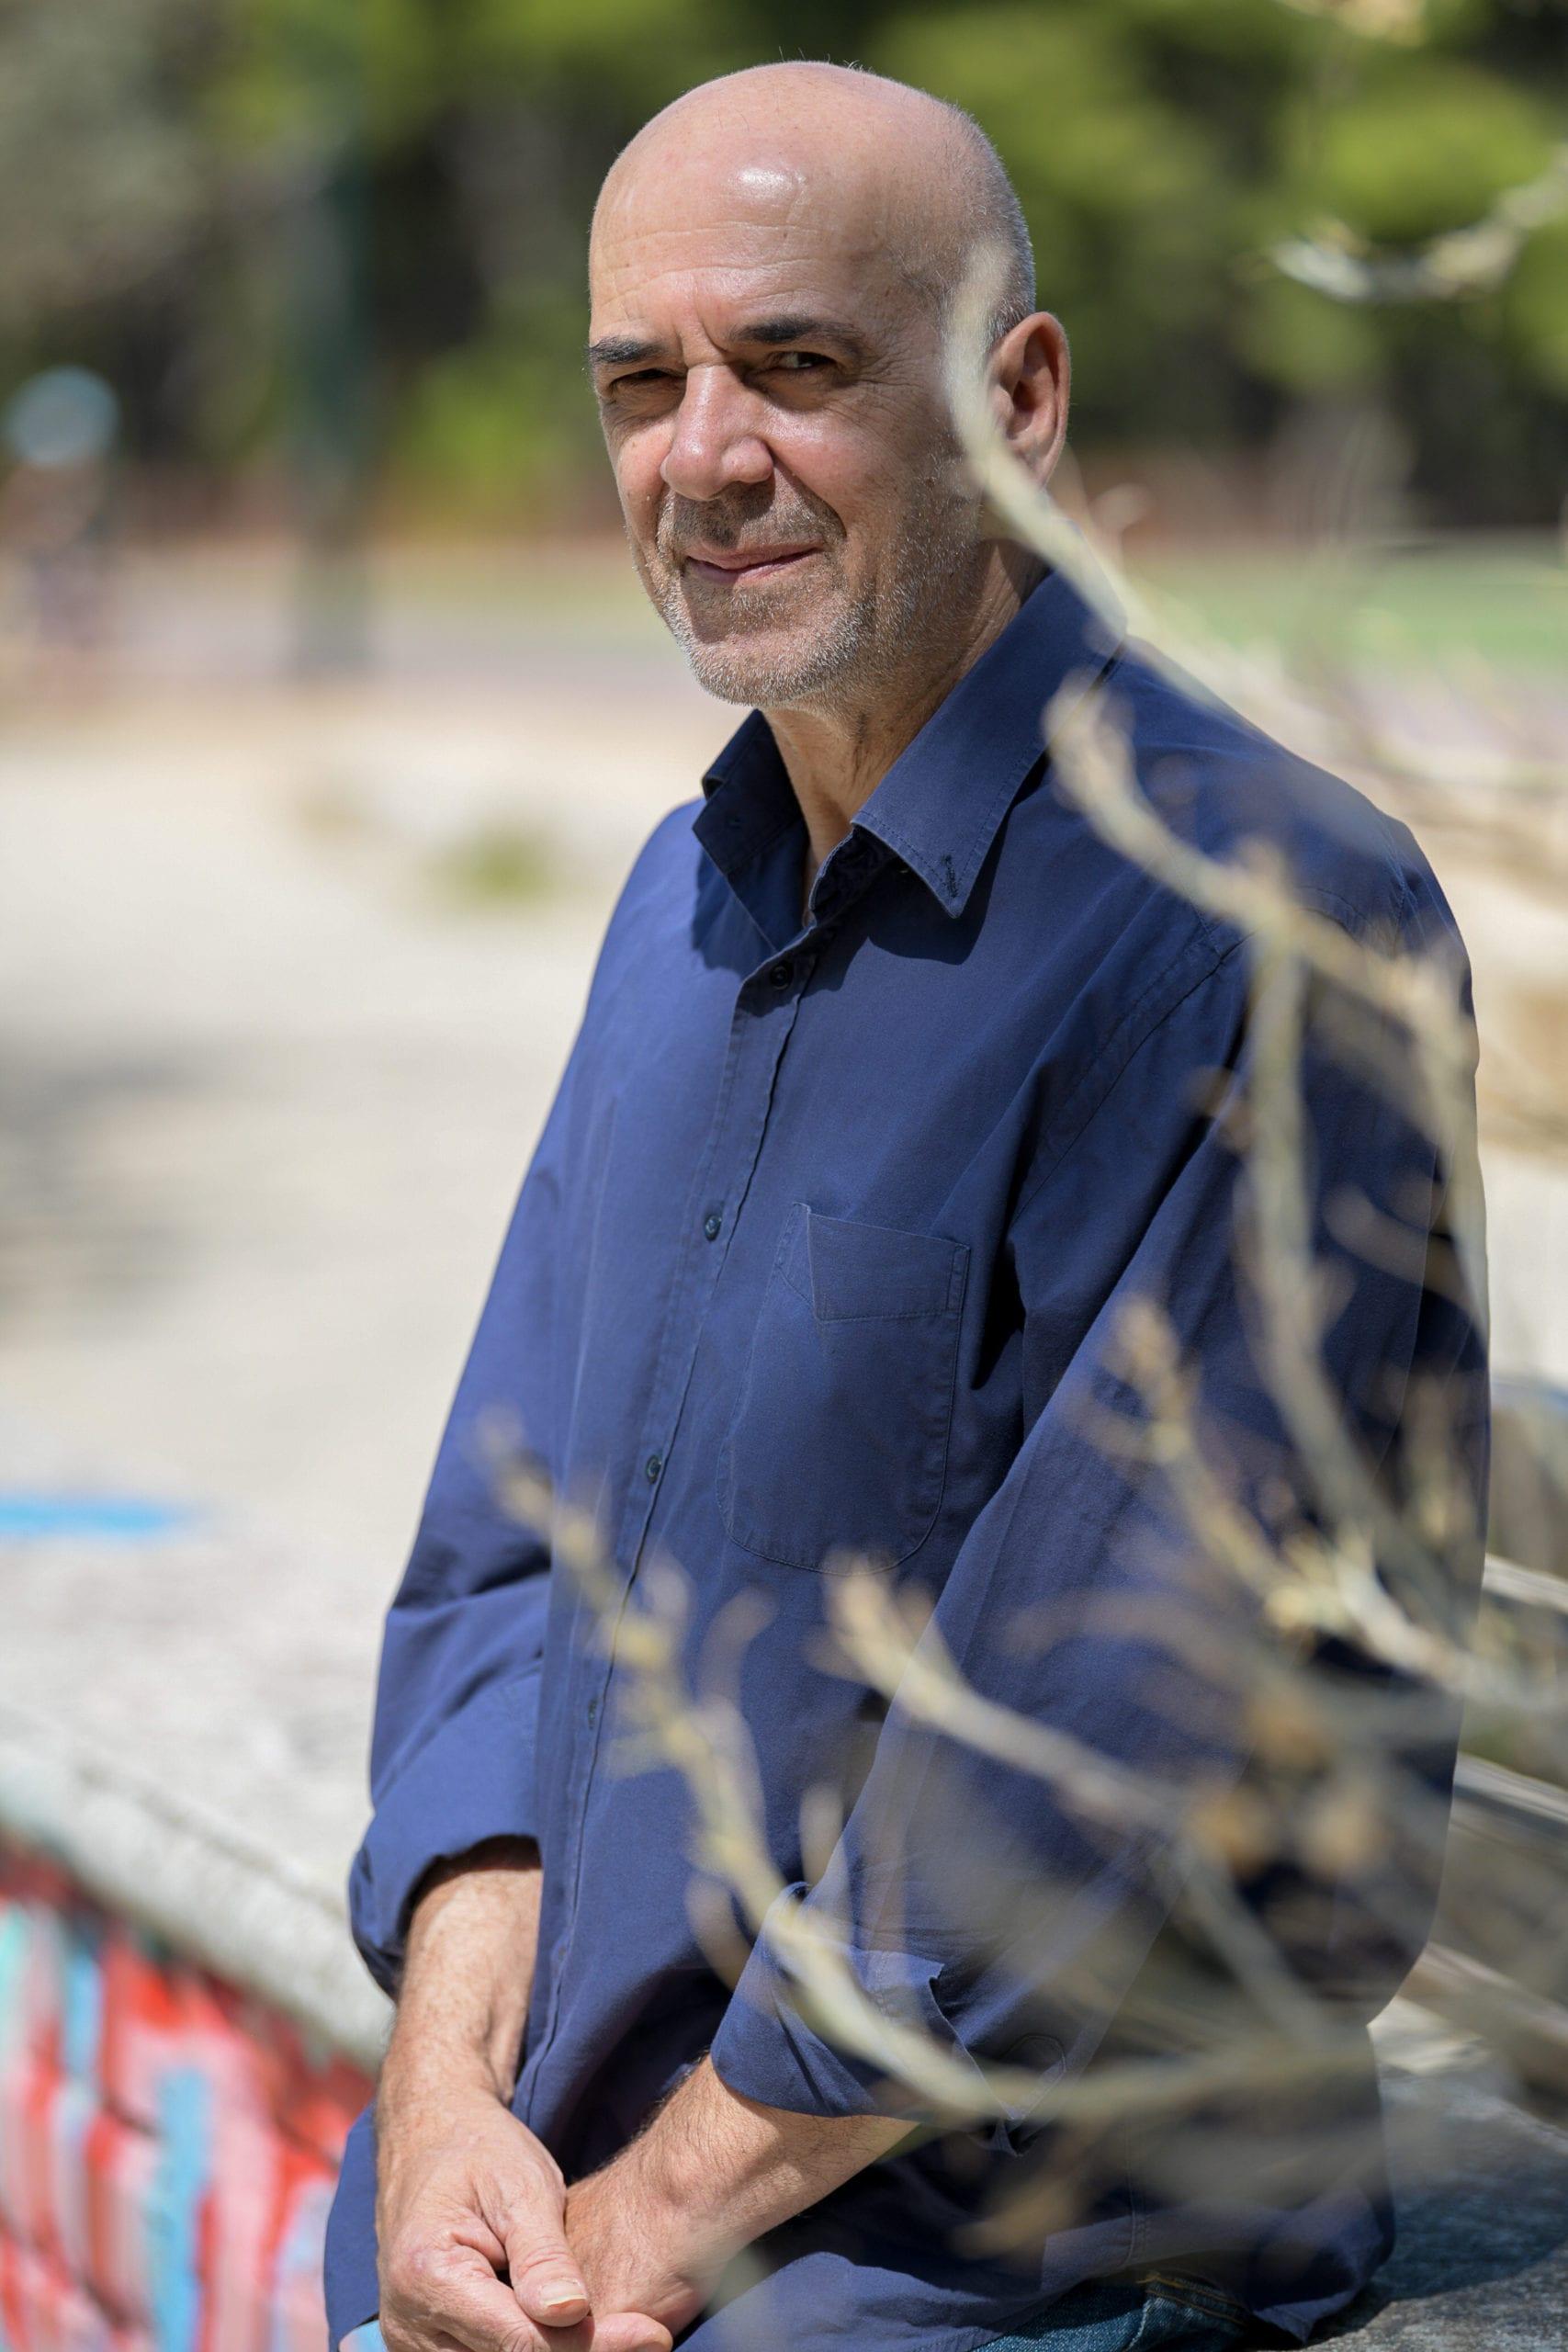 Ορφέας Περίδης (photo: Eurokinissi)